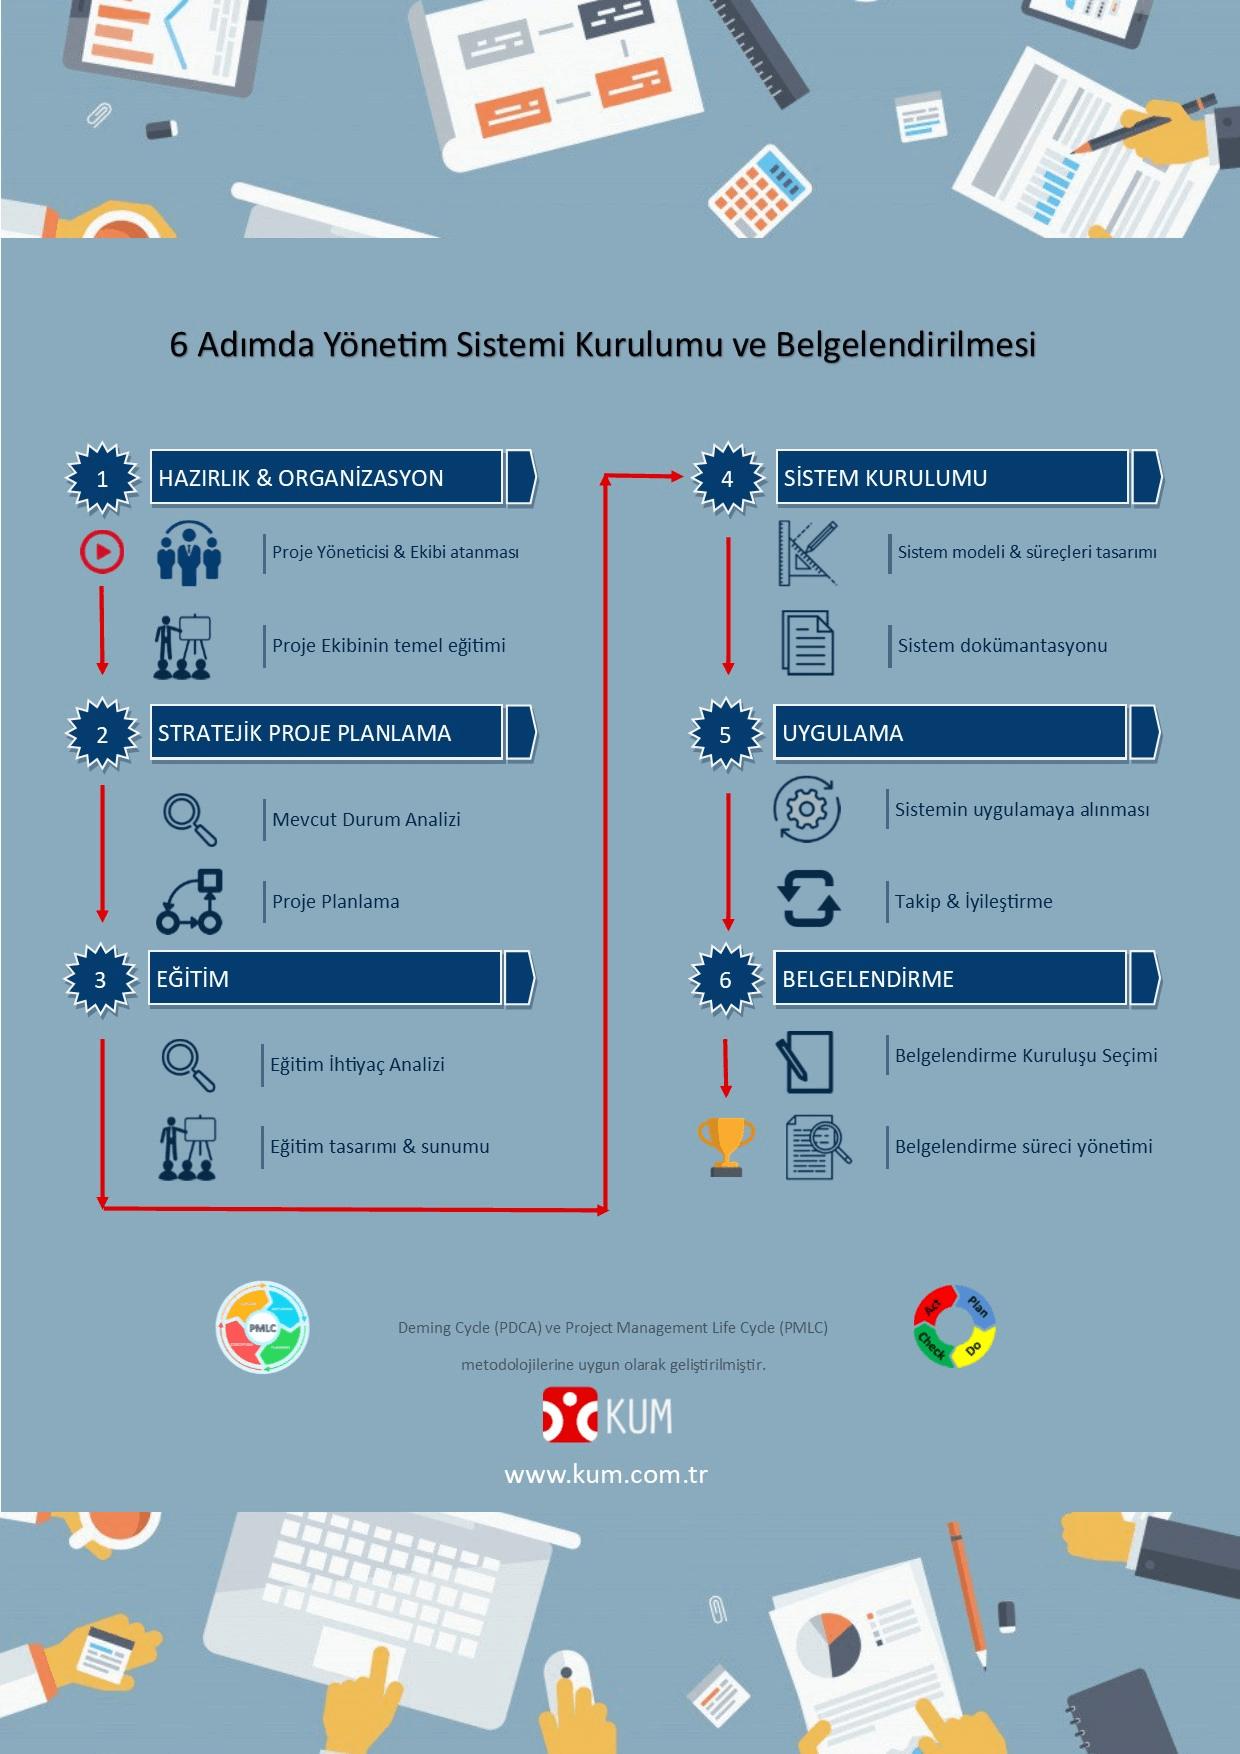 6 Adımda Yönetim Sistemi Kurulumu ve Belgelendirmesi